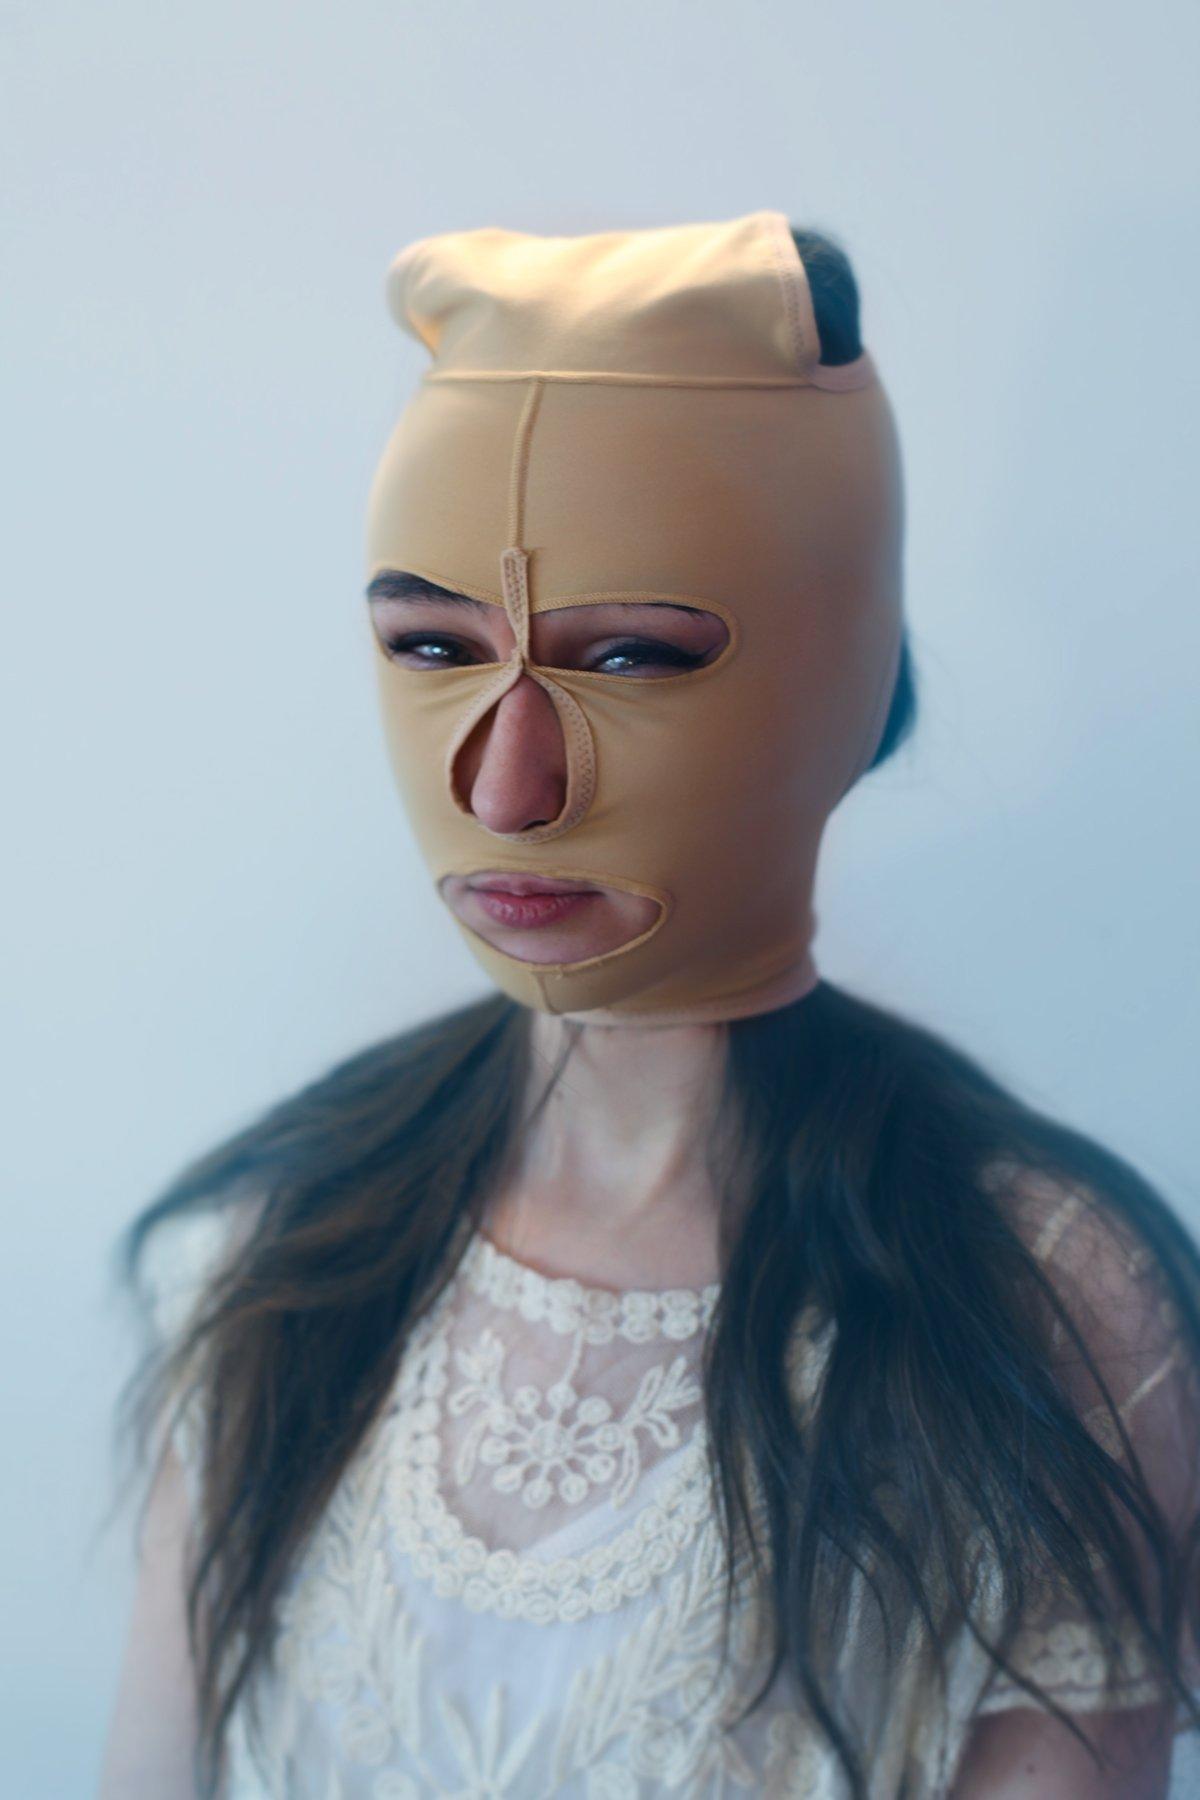 А такая маска выглядит совсем уж неудобно, но, как утверждает продавец, в ней якобы снижается вероят